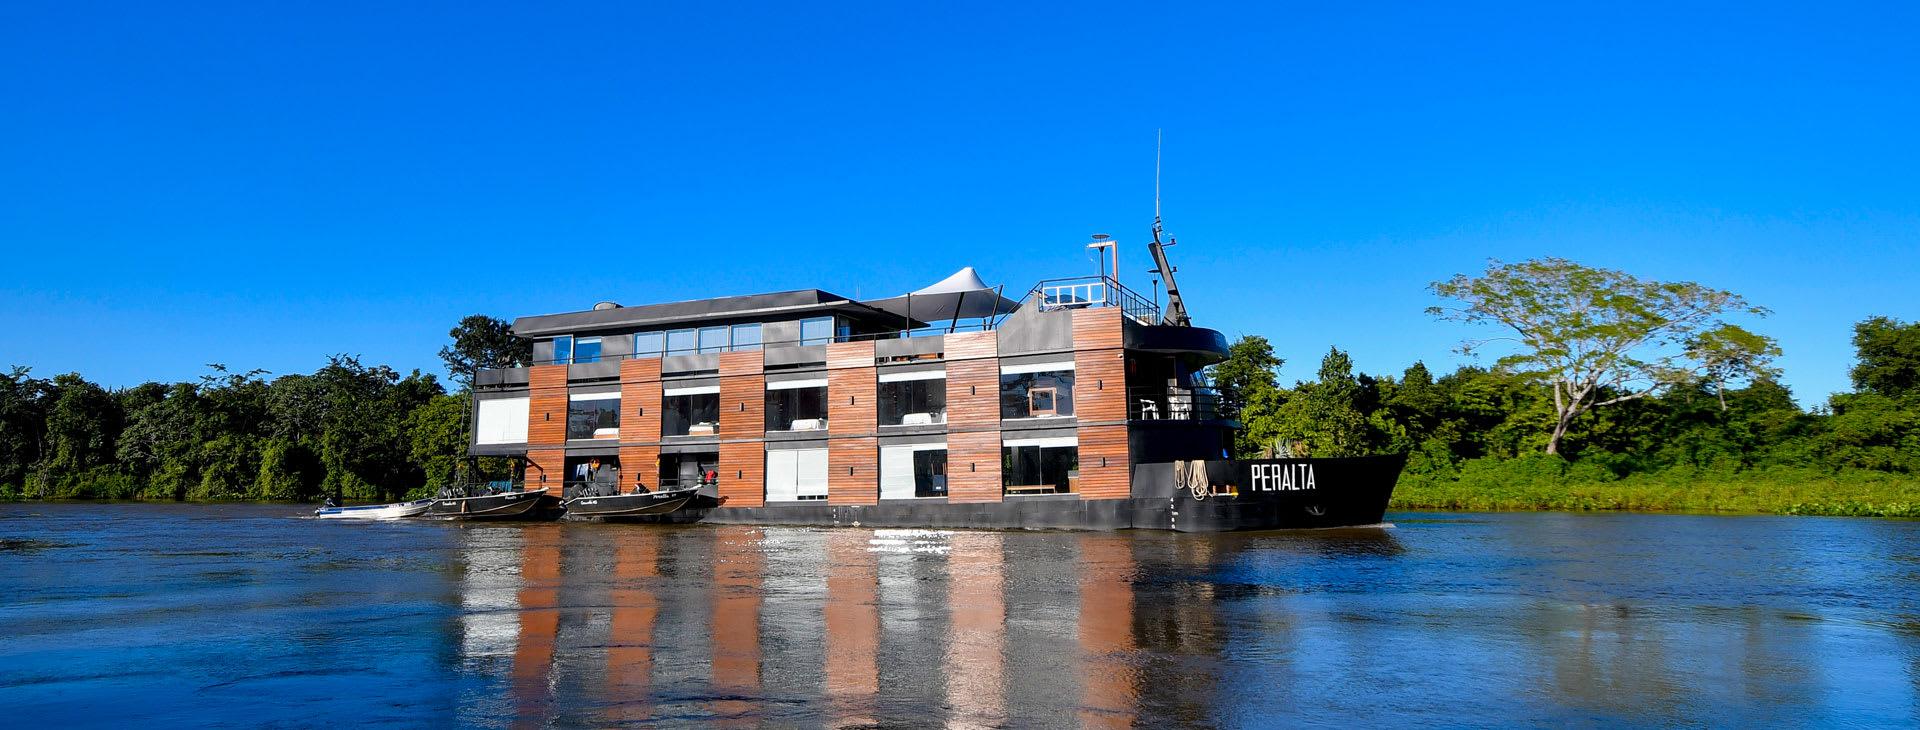 Peralta Pantanal Cruise Ship